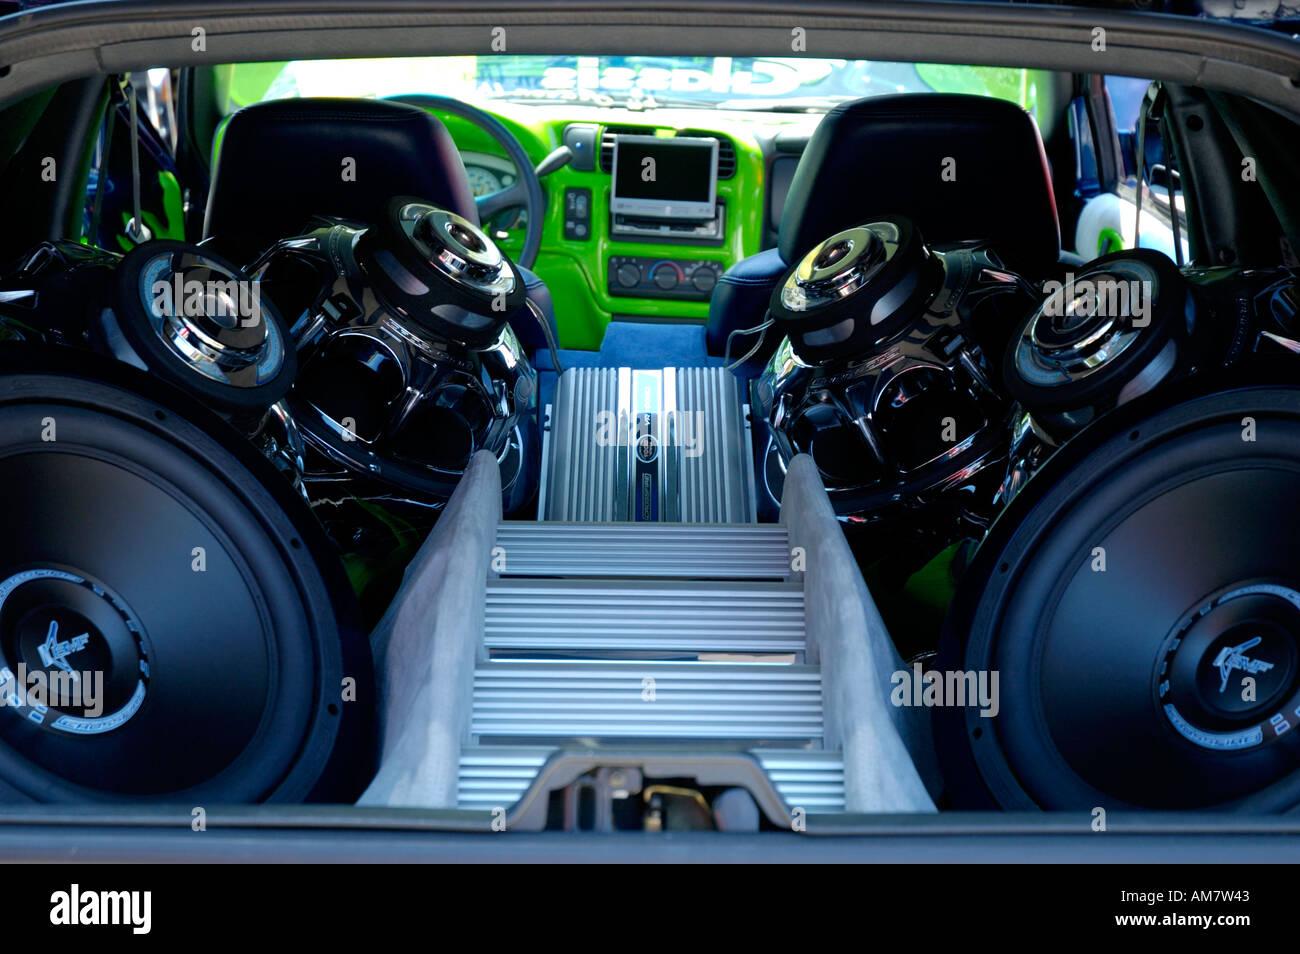 Truck Sound System >> Extreme Sound System Inside Pickup Truck Stock Photo 4955458 Alamy